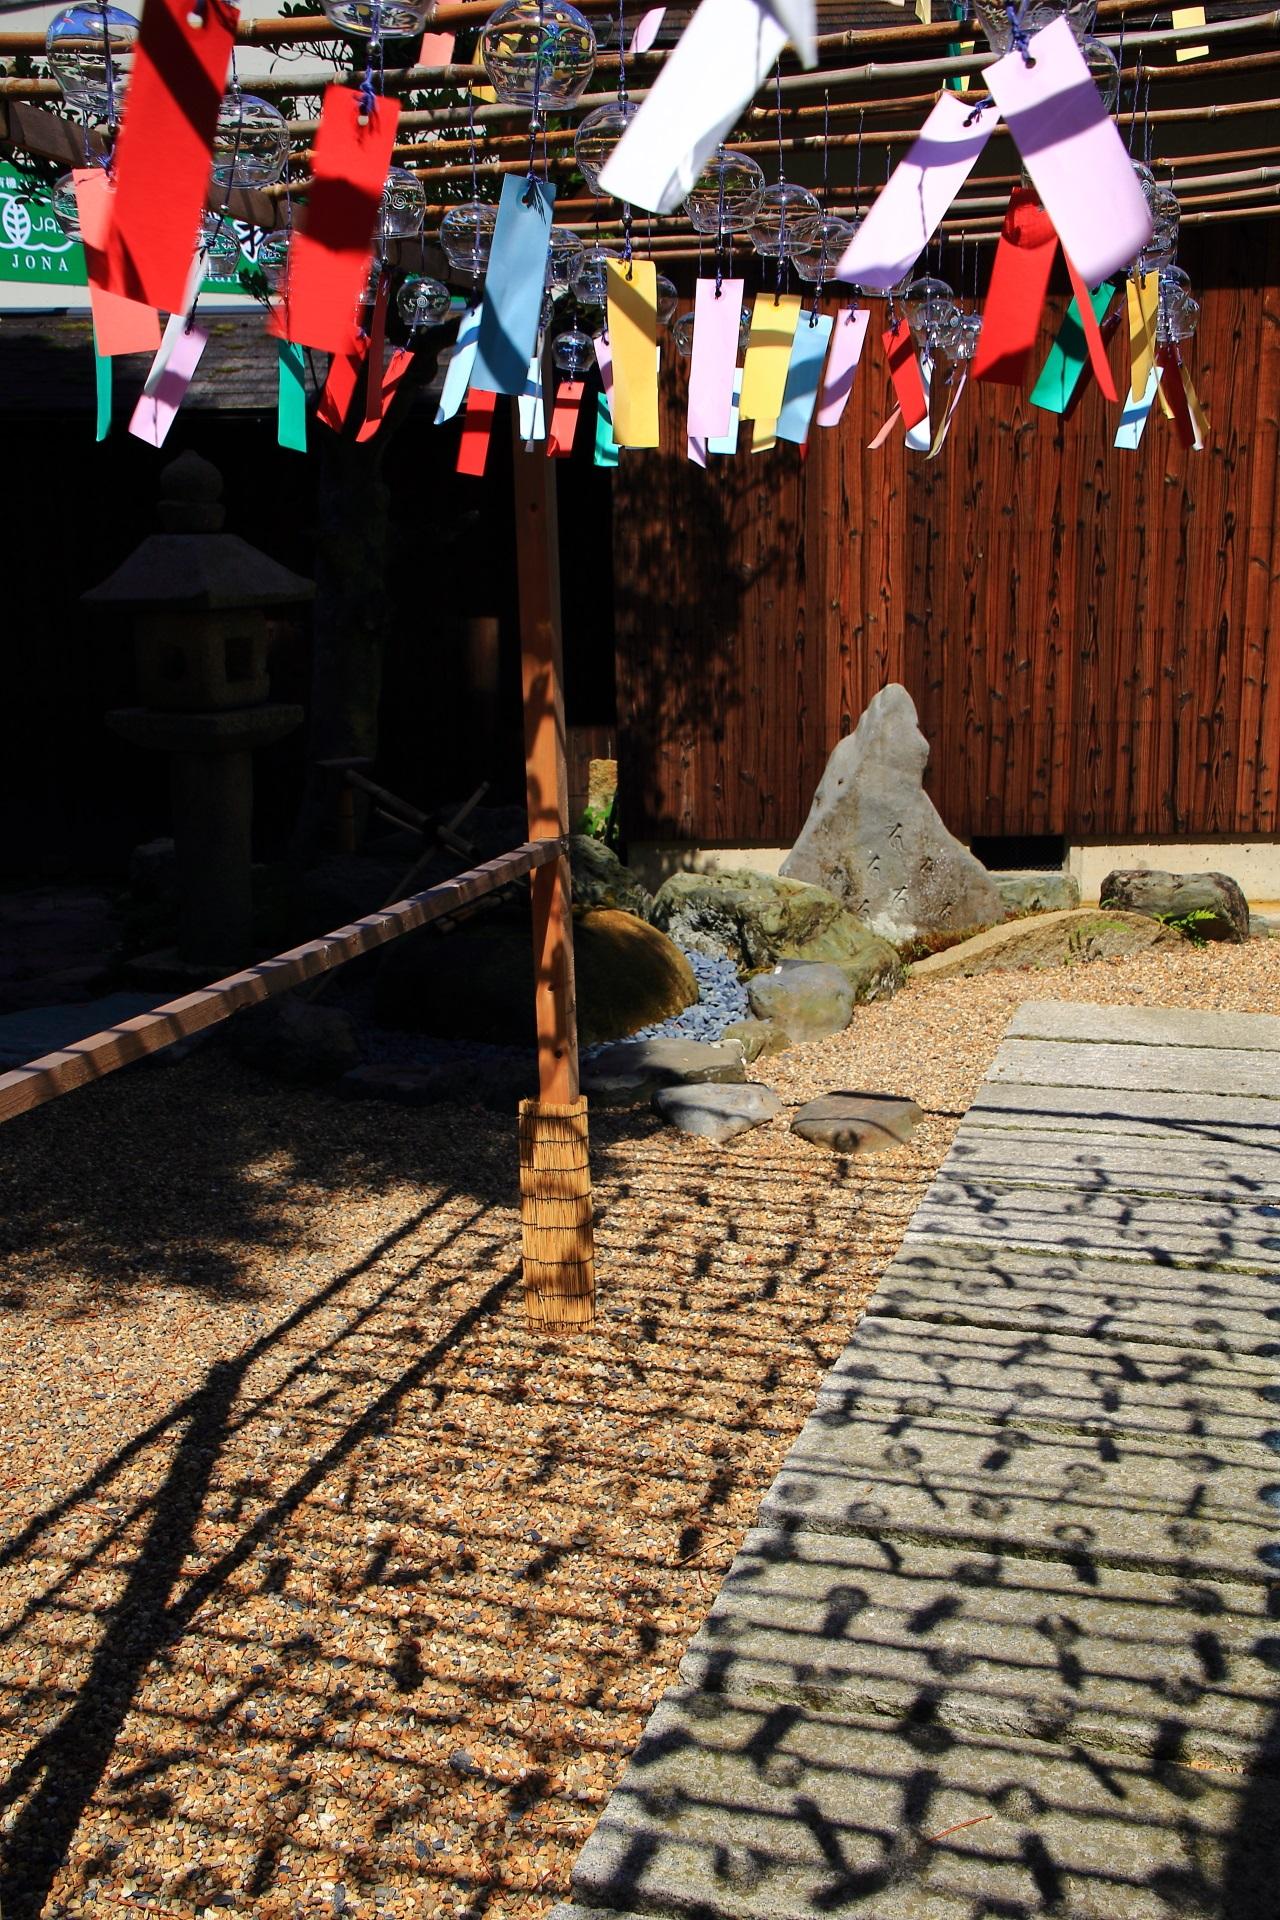 風が吹けば楽しそうに揺らめく正寿院の風鈴と短冊の影